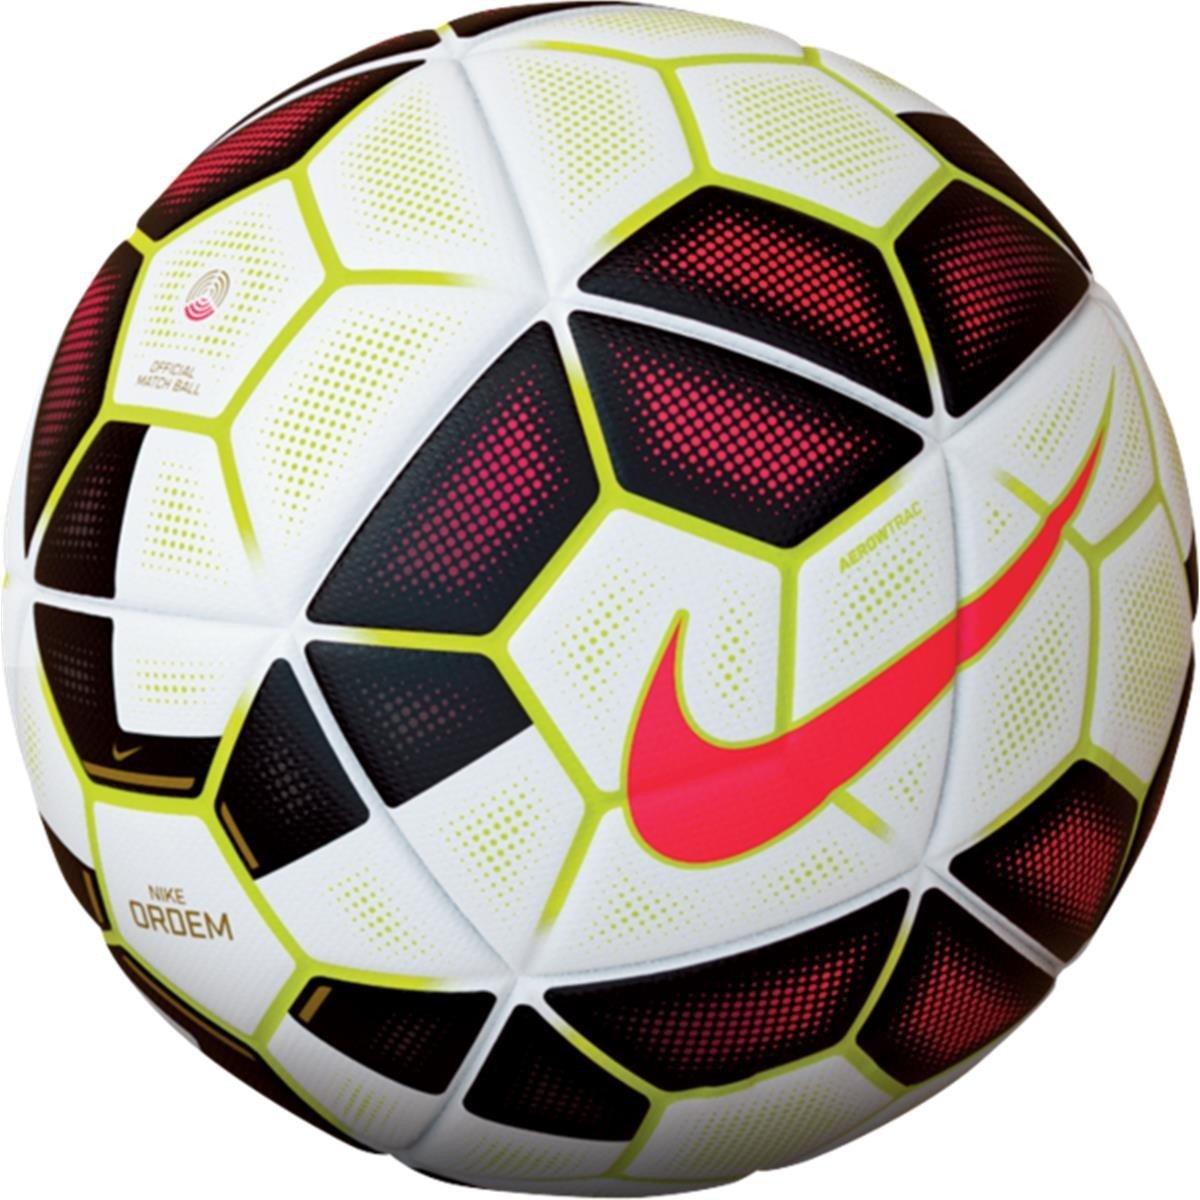 ナイキ(Nike) オーデム2 ボール 5号球 (並行輸入) B00K7FKHDS